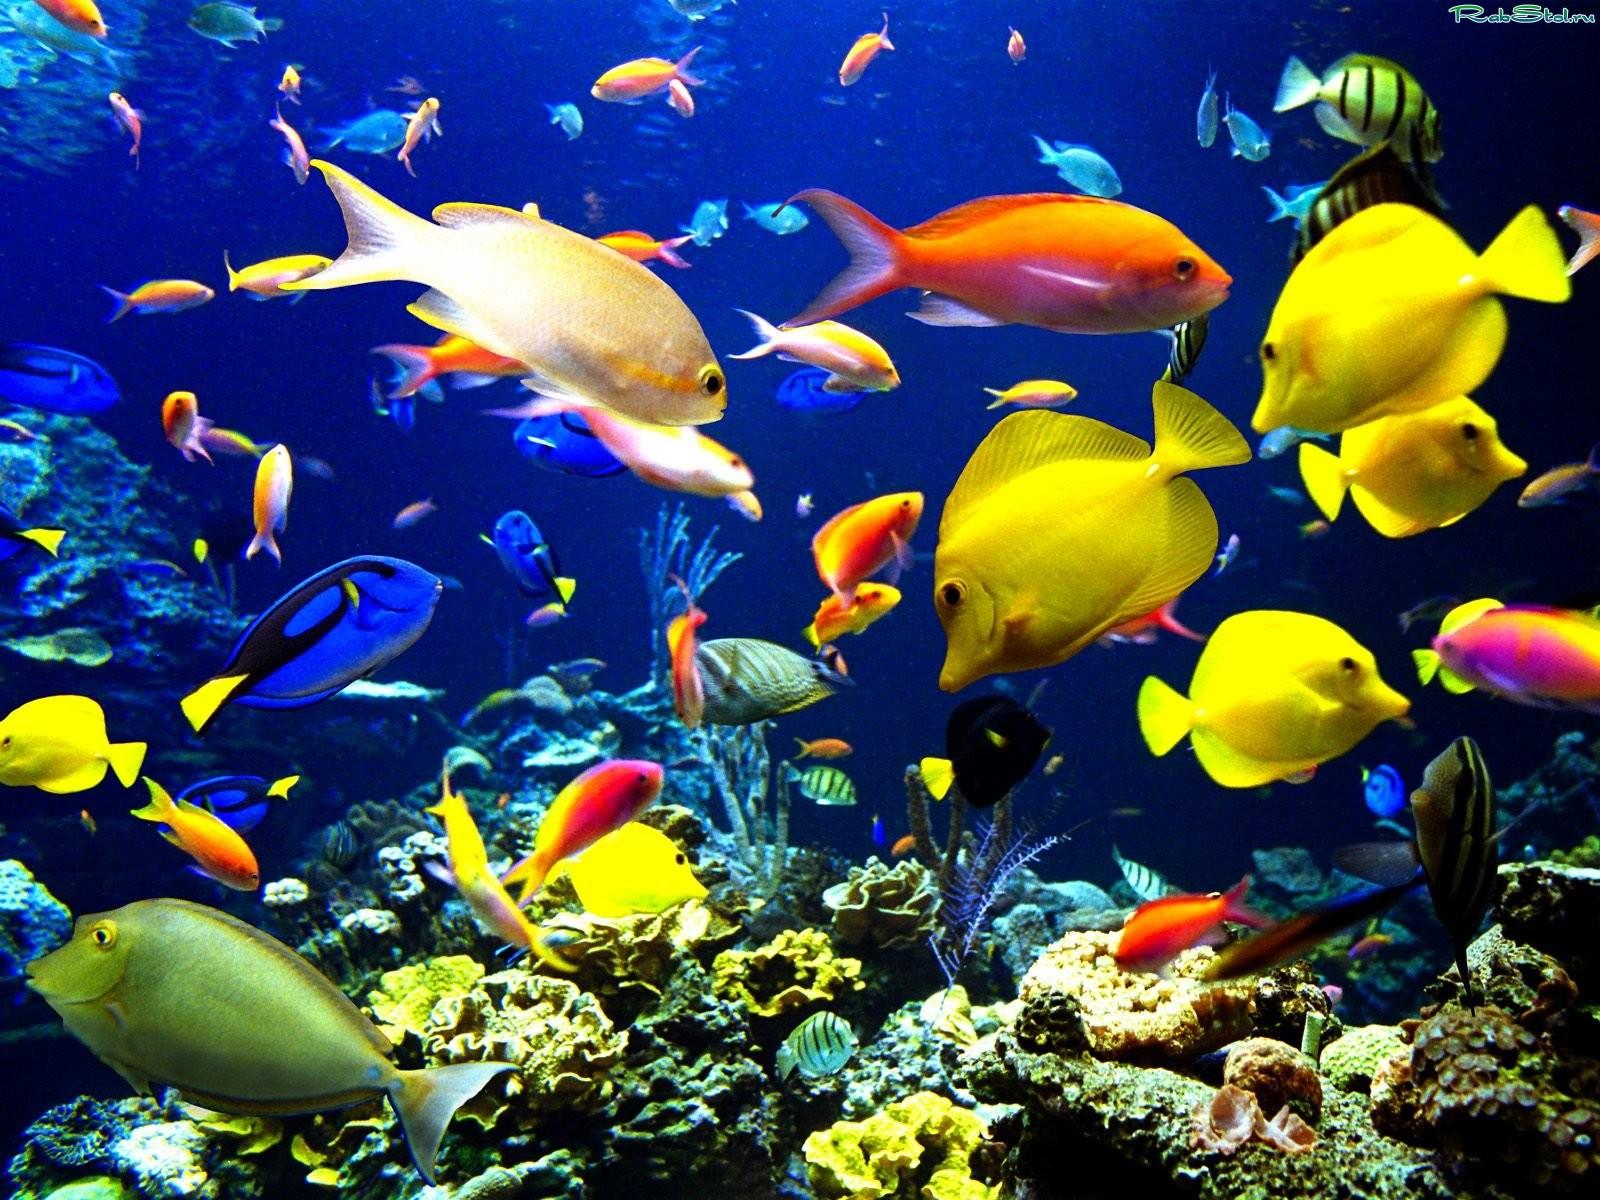 Картинка рыбы в аквариуме - d